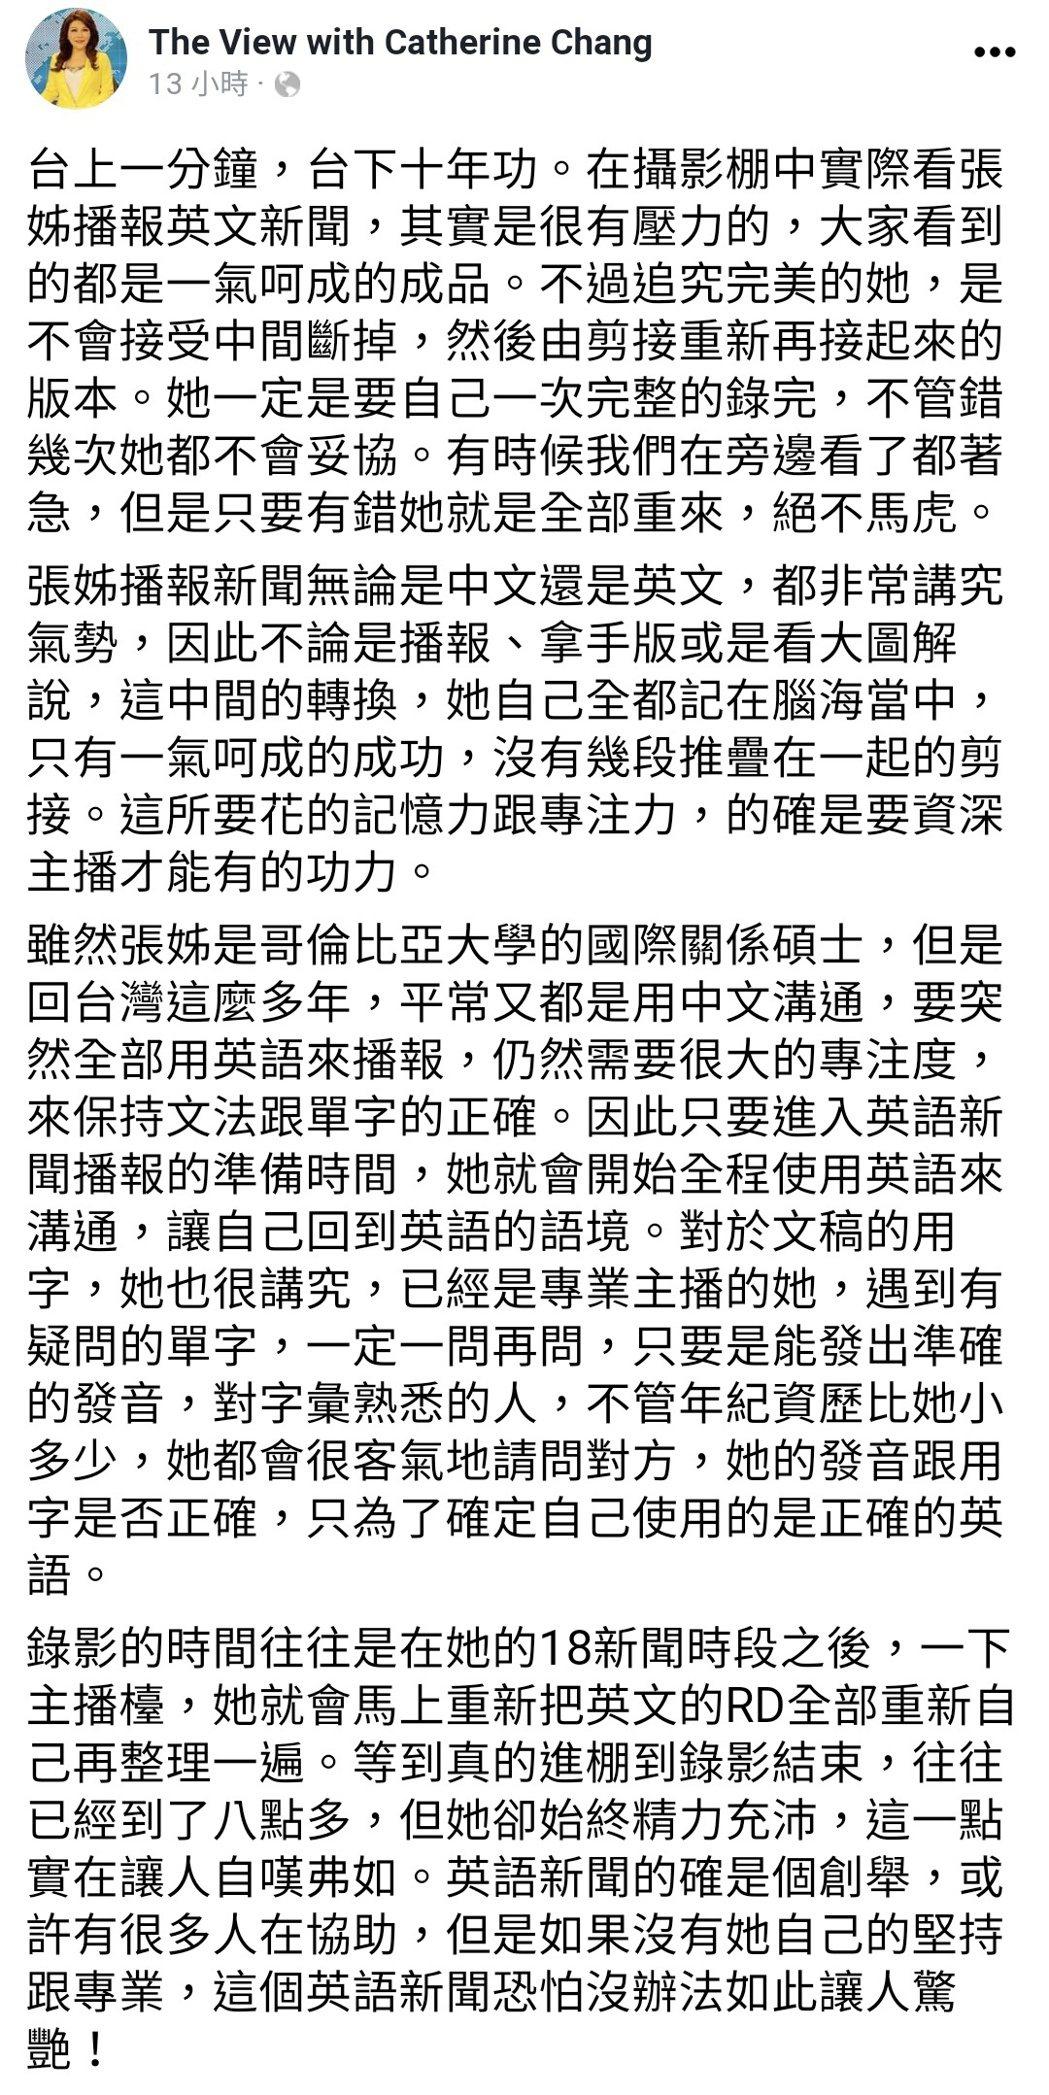 圖/擷自The View with Catherine Chang臉書